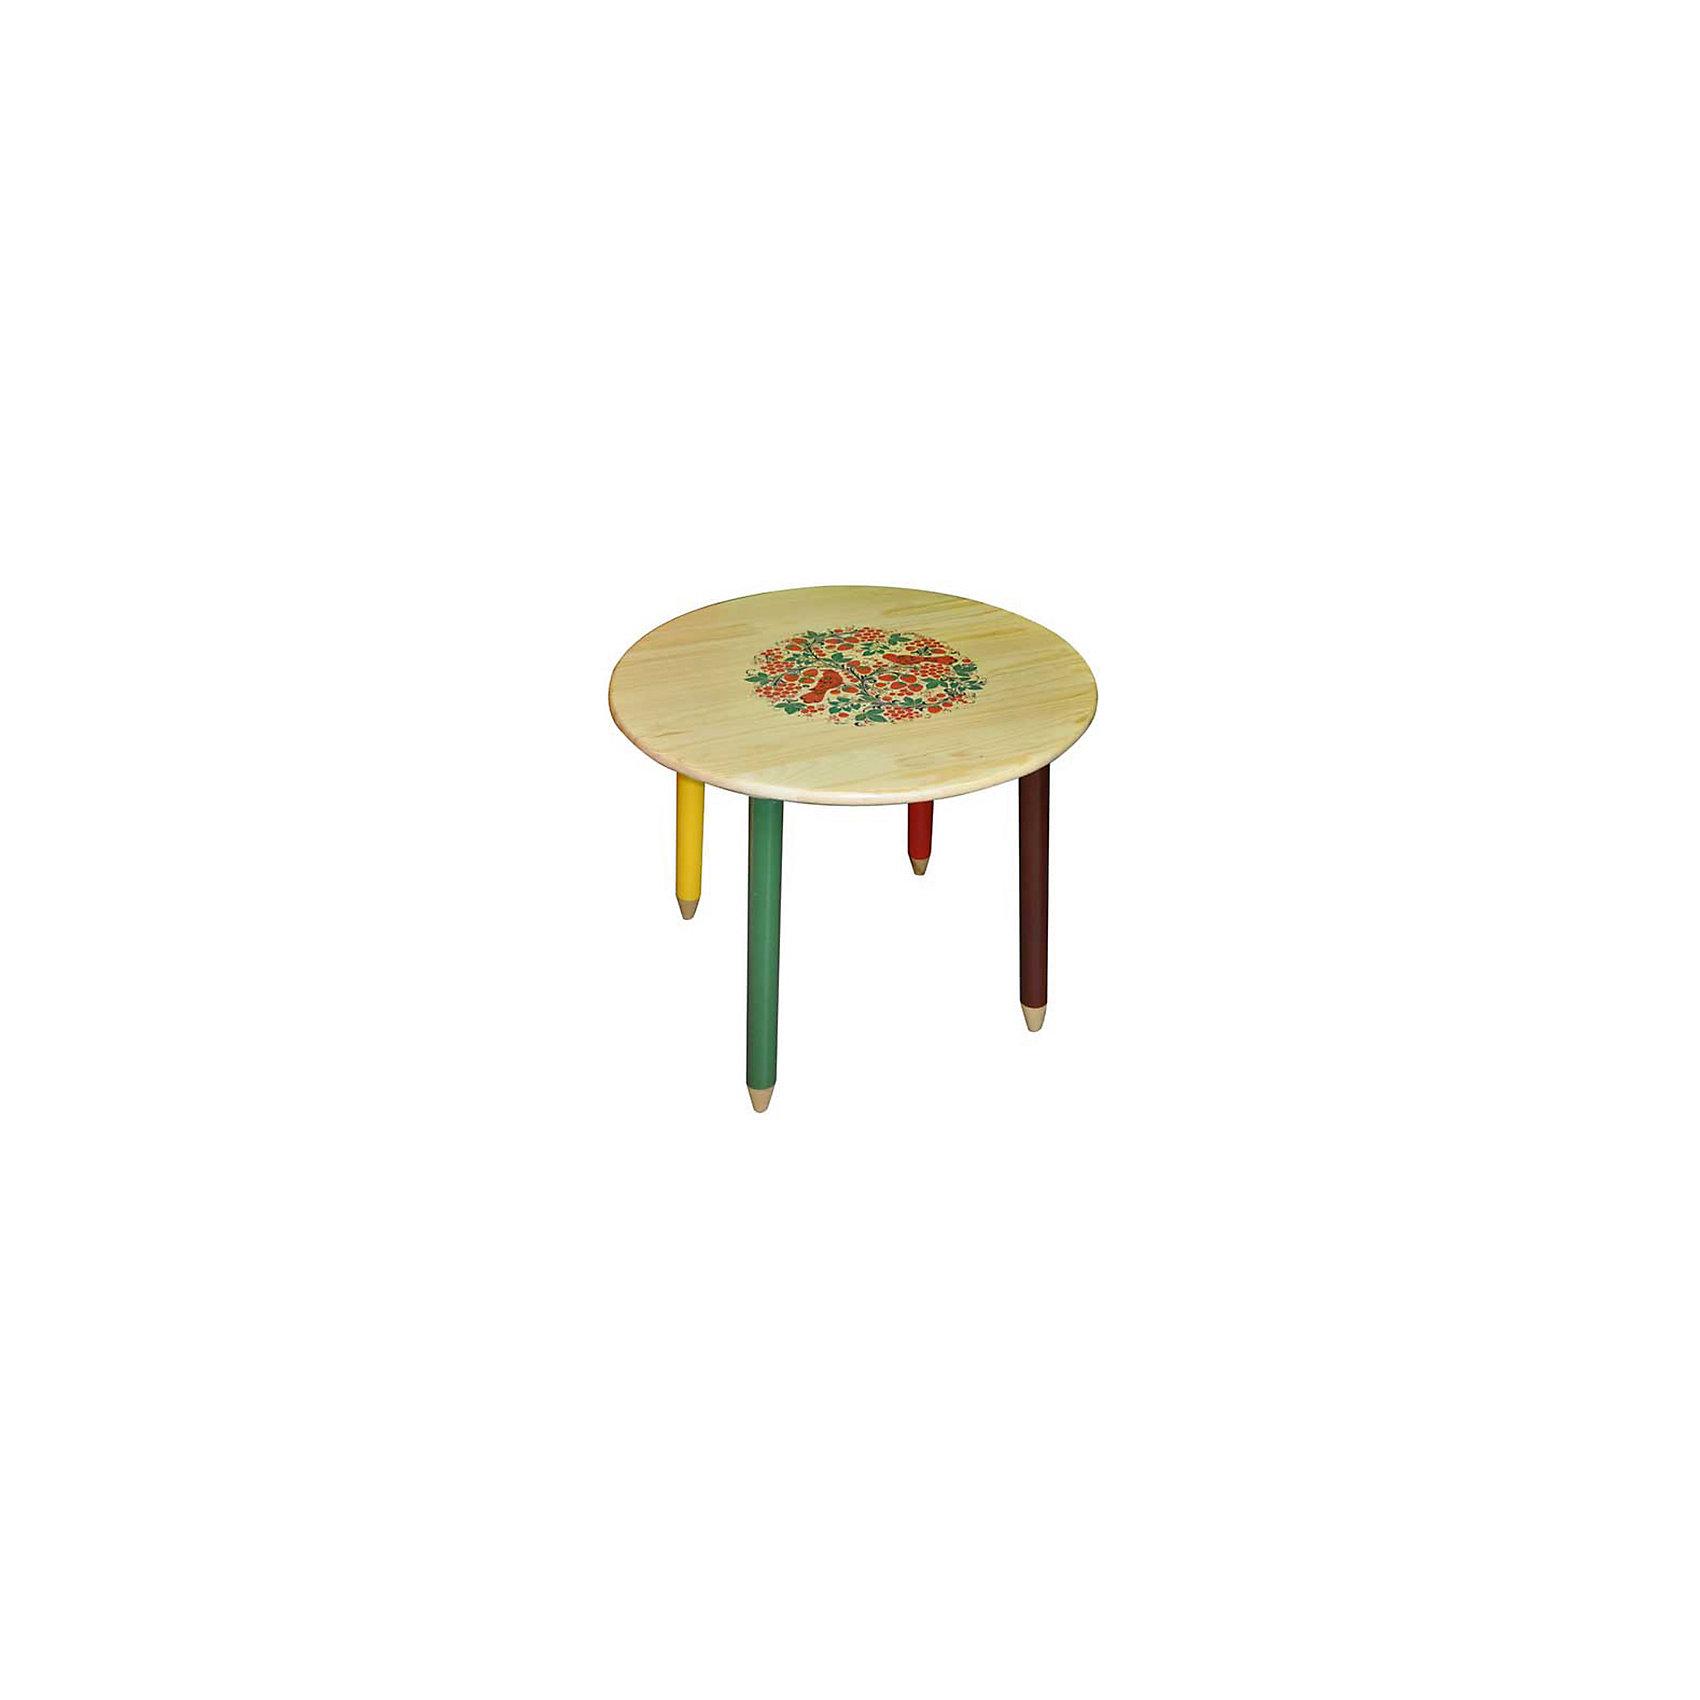 Стол СветлячокМебель<br>Красочный круглый столик со сказочными рисунками выполнен из массива. Его поверхность пропитана варёным льняным маслом и покрыта алюминиевым порошком и росписью. На поверхность стола также нанесены несколько слоев лака. Столик очень прочный и устойчивый, покрытие закалено при особом температурном режиме и не будет отслаиваться или облупливаться при частой влажной уборке.<br><br>Дополнительная информация:<br><br>- Возраст: от 6 мес.<br>- Материал: дерево.<br>- Цвет: орнамент - светлячок. <br>- Параметры стола:<br>   Диаметр стола 65 см,<br>   Высота 58 см.<br><br>Детский столик Светлячок можно купить в нашем магазине.<br><br>Ширина мм: 650<br>Глубина мм: 650<br>Высота мм: 580<br>Вес г: 5600<br>Возраст от месяцев: 36<br>Возраст до месяцев: 108<br>Пол: Унисекс<br>Возраст: Детский<br>SKU: 4718375